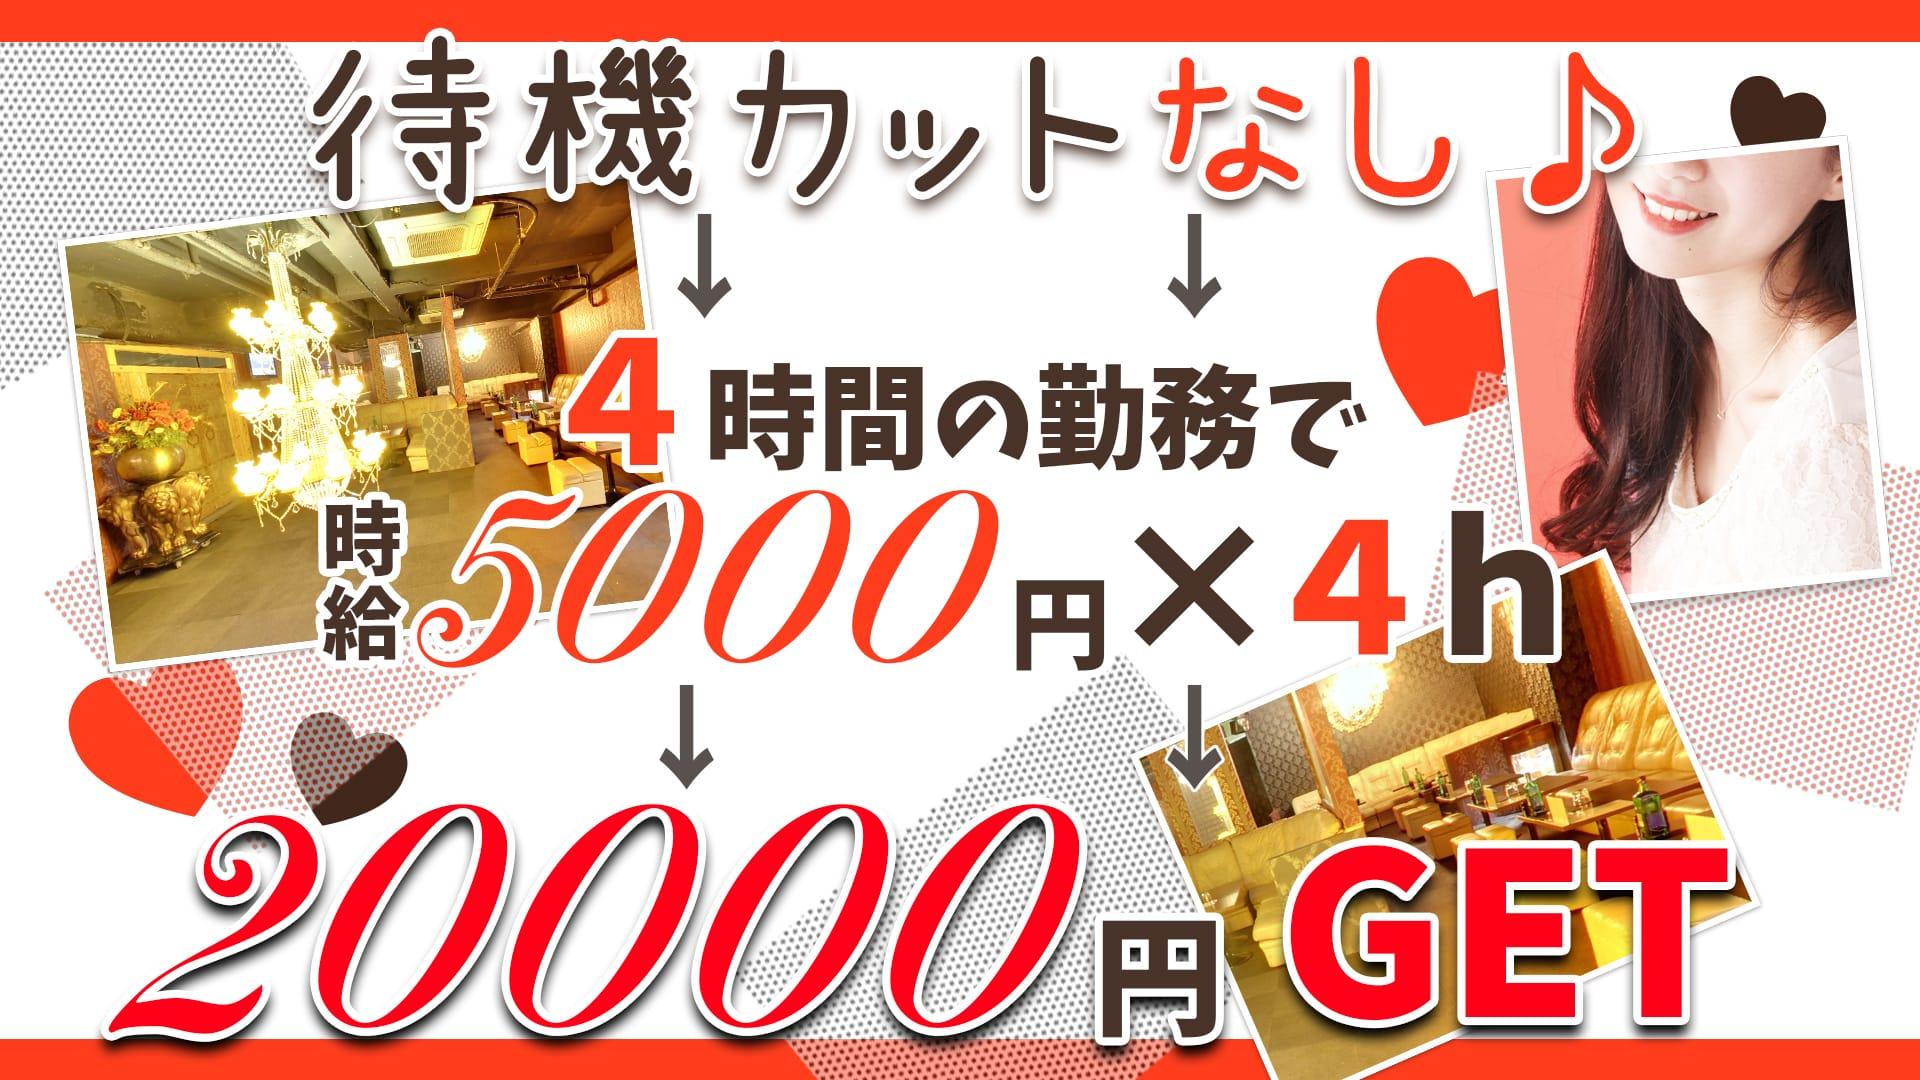 club 祇園(クラブ ギオン) 平塚キャバクラ TOP画像